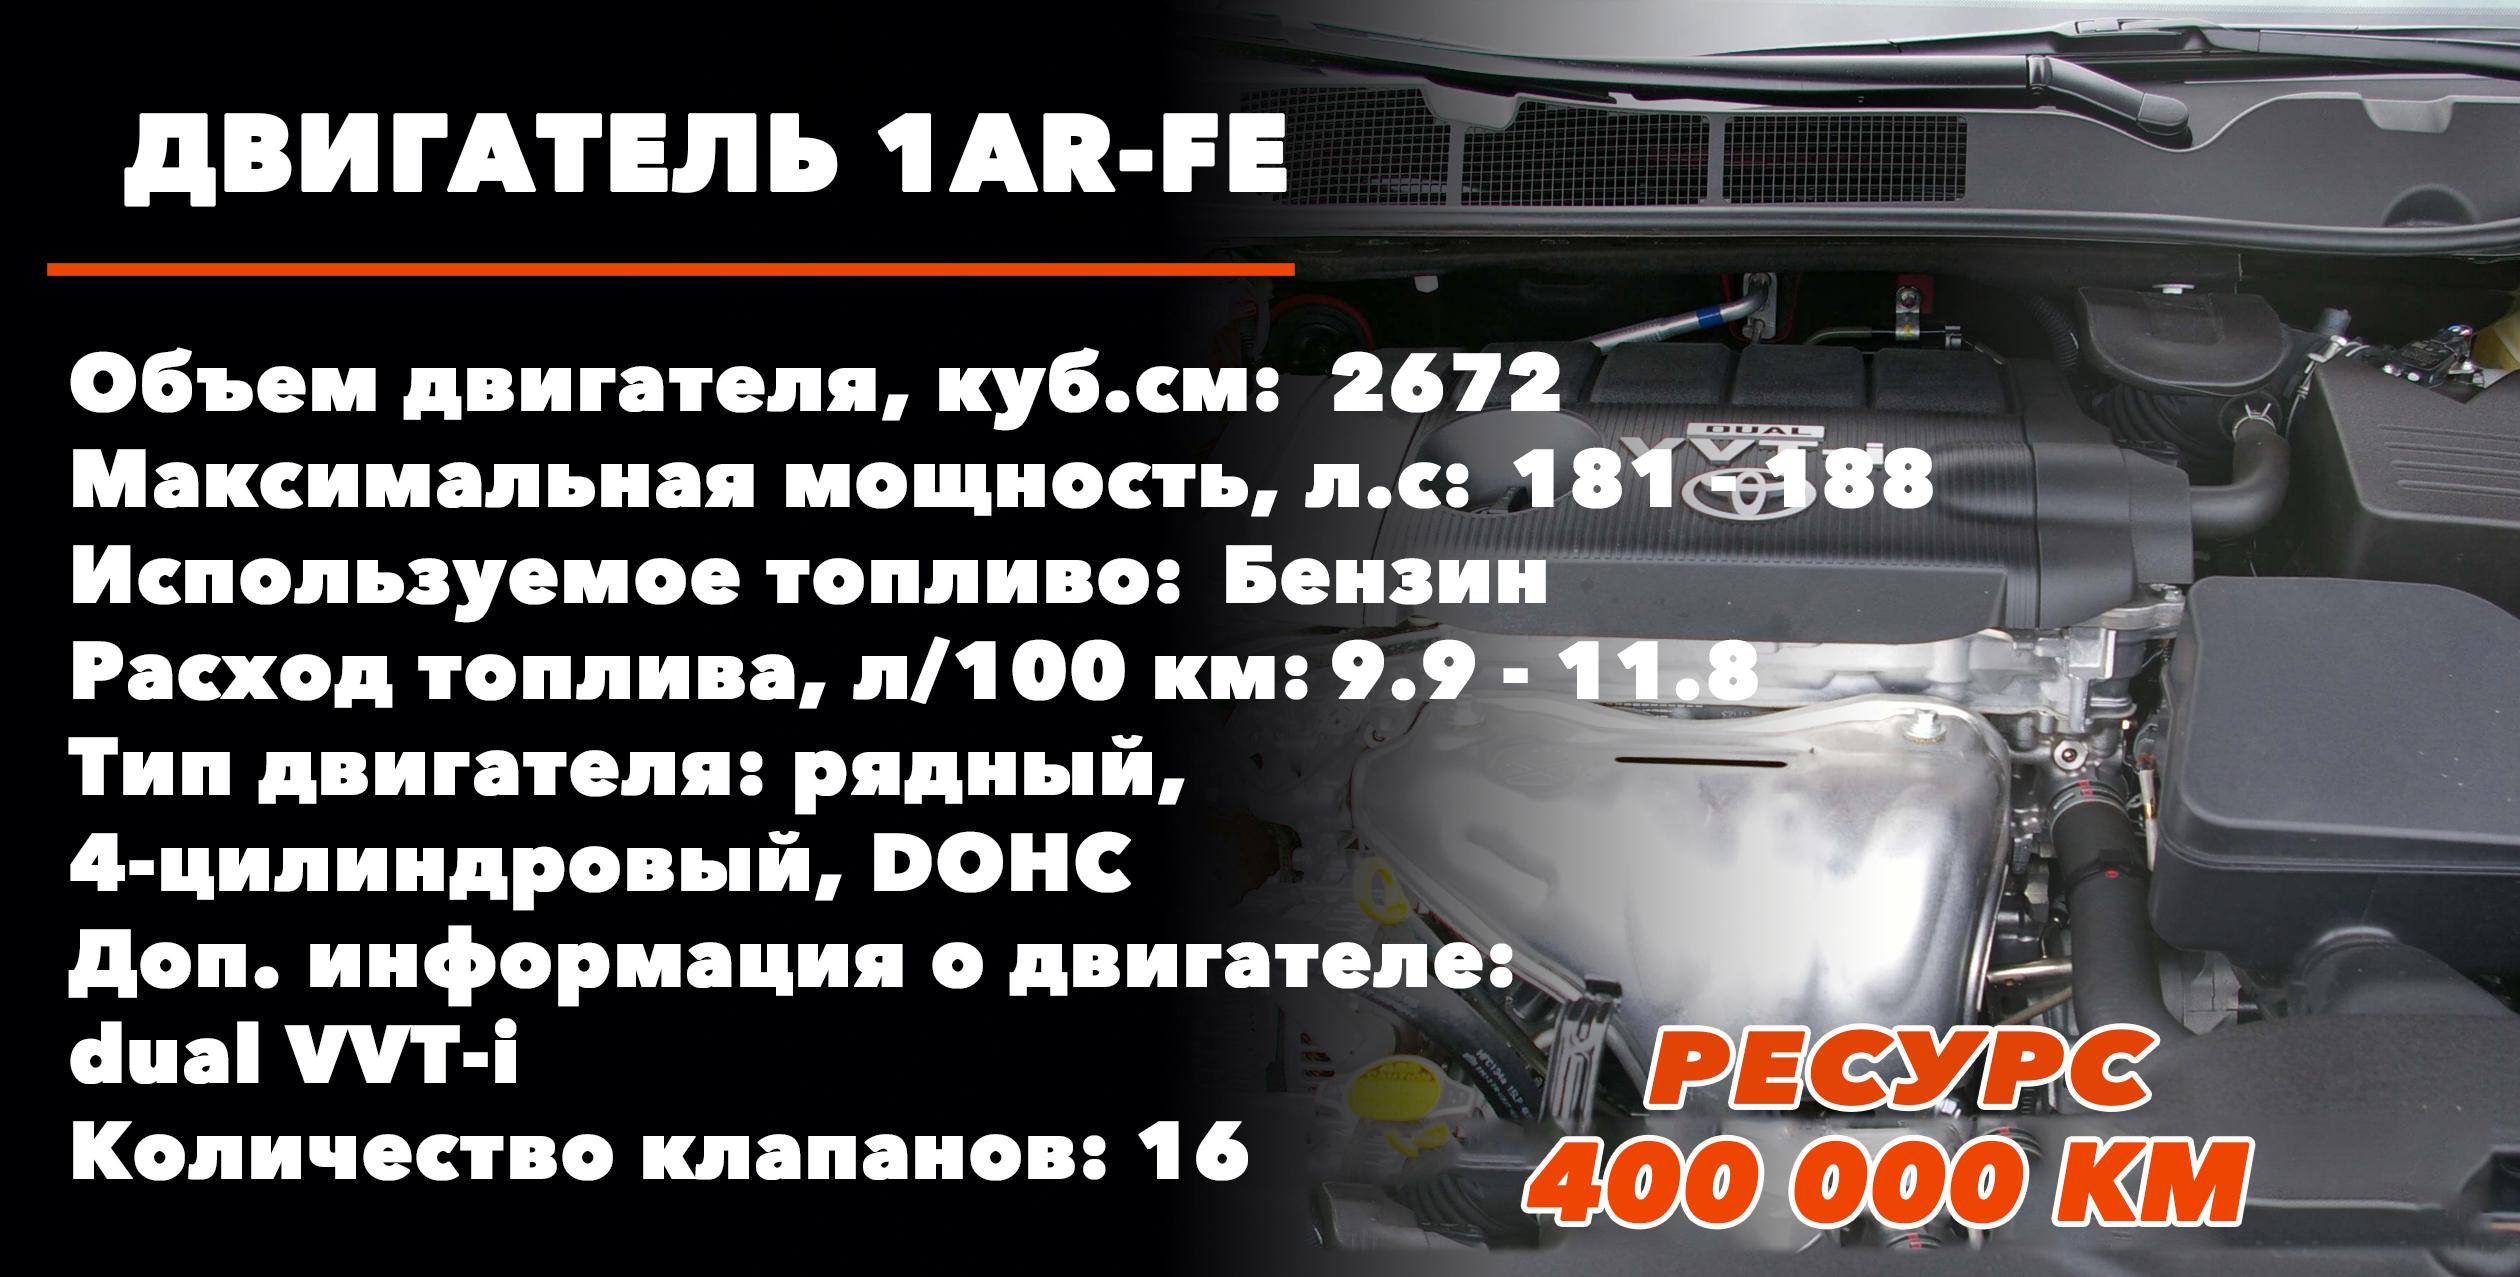 Максимальный ресурс 1AR-FE 2.7